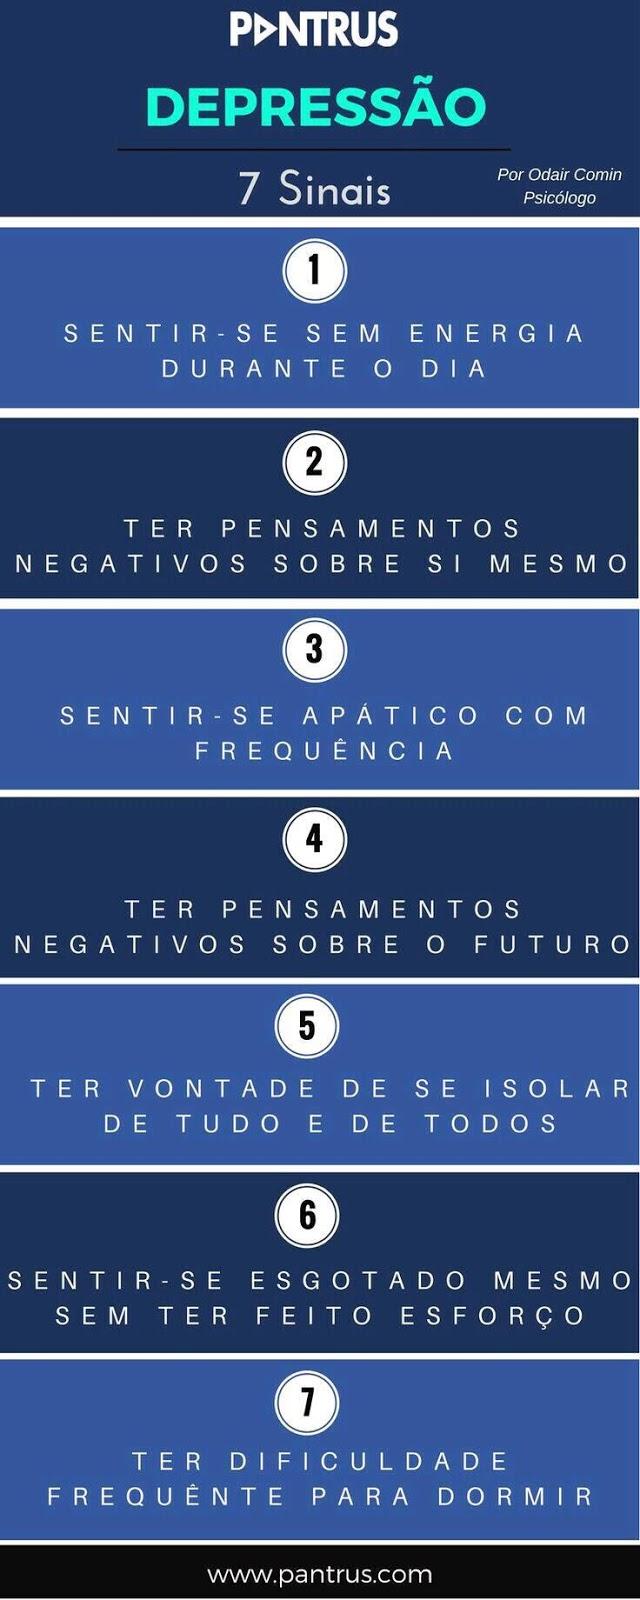 7 sinais da depressão